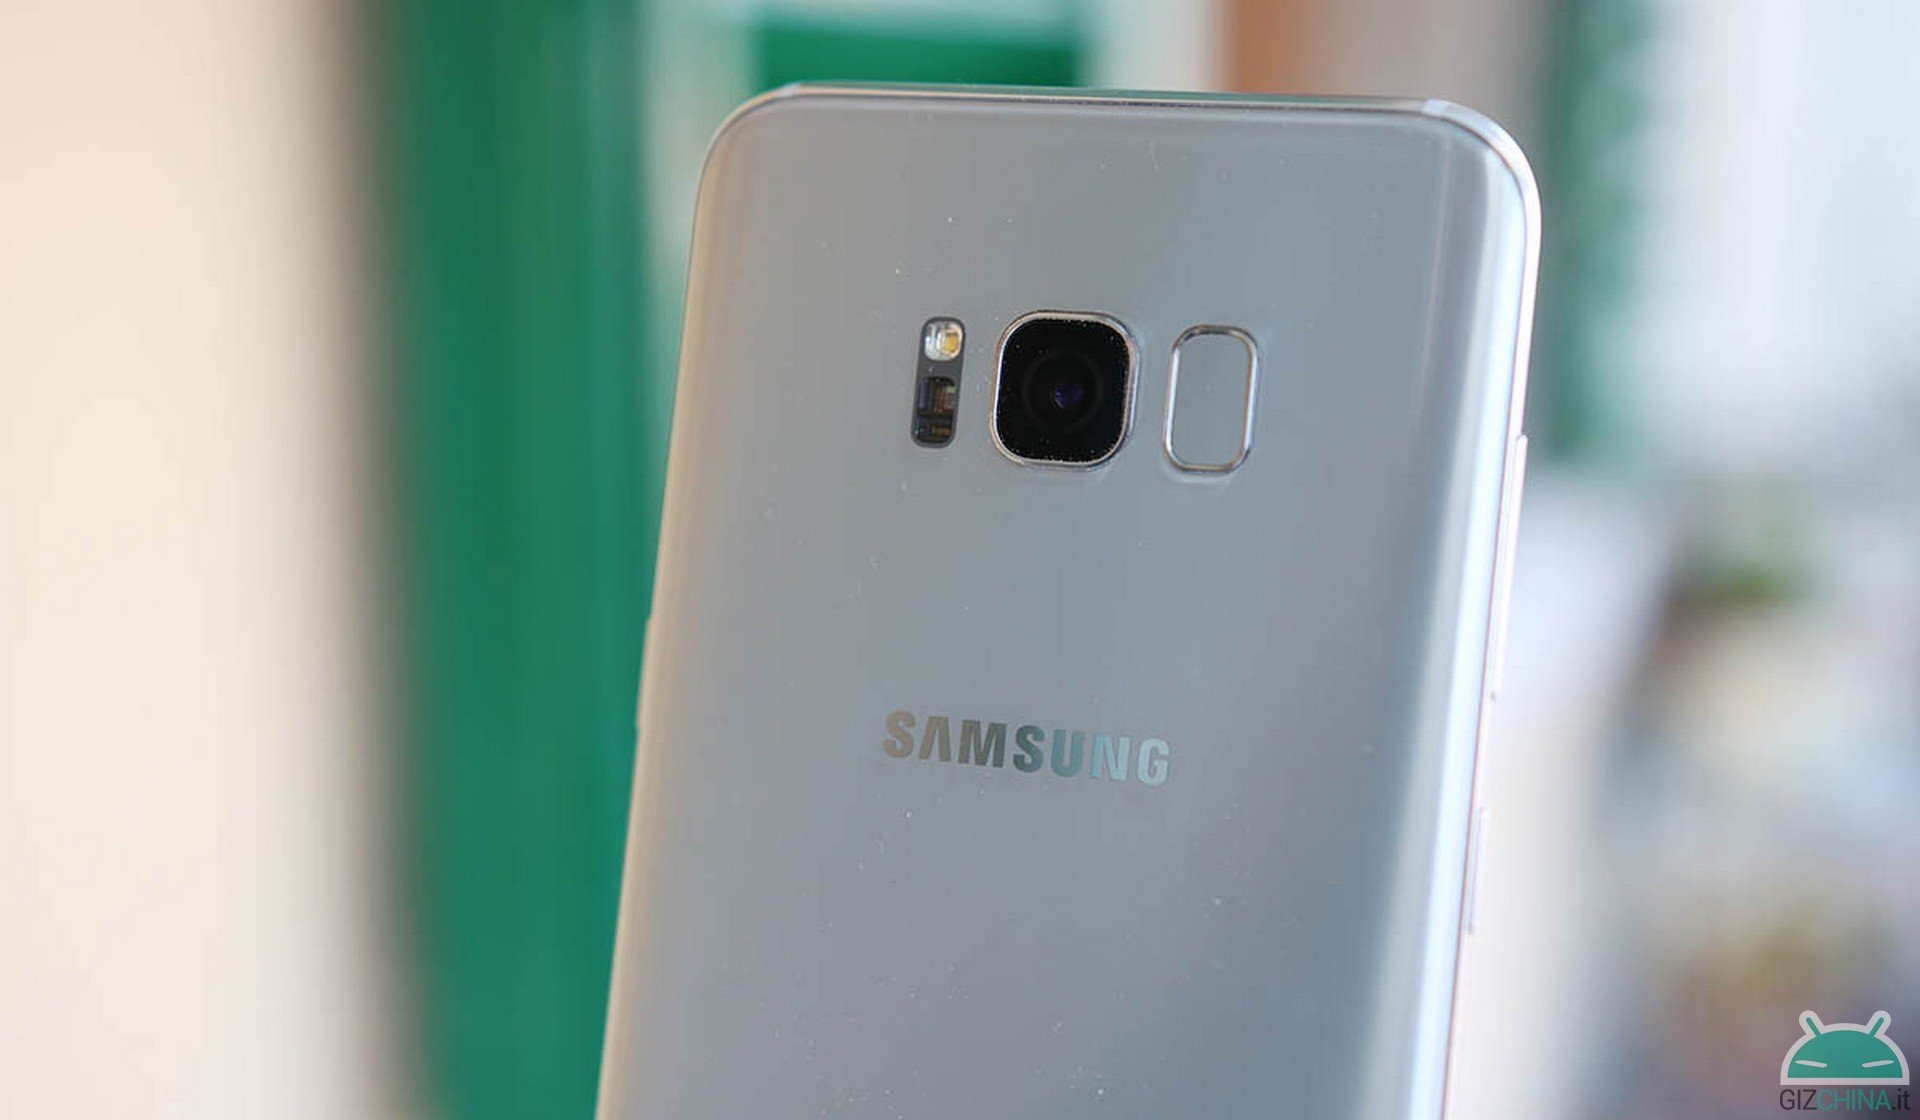 Samsung S8 Bluetooth Update